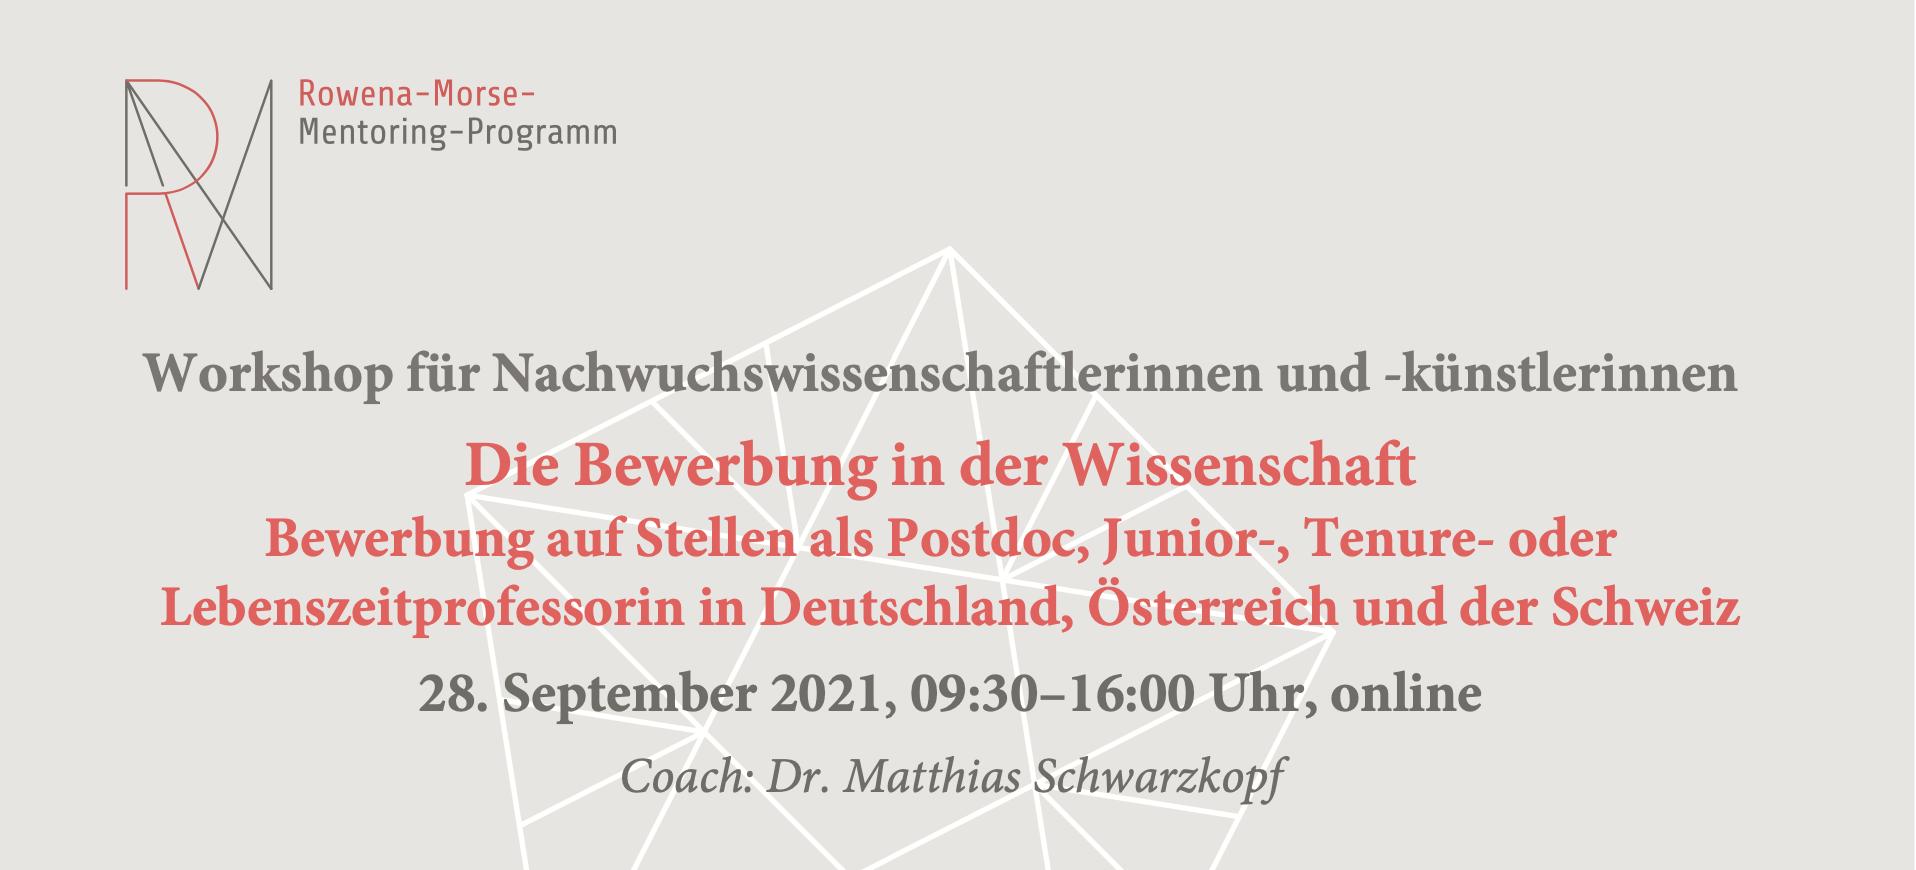 Die Bewerbung in der Wissenschaft: Bewerbung auf Stellen als Postdoc, Junior-, Tenure- oder Lebenszeitprofessorin in Deutschland, Österreich und der Schweiz